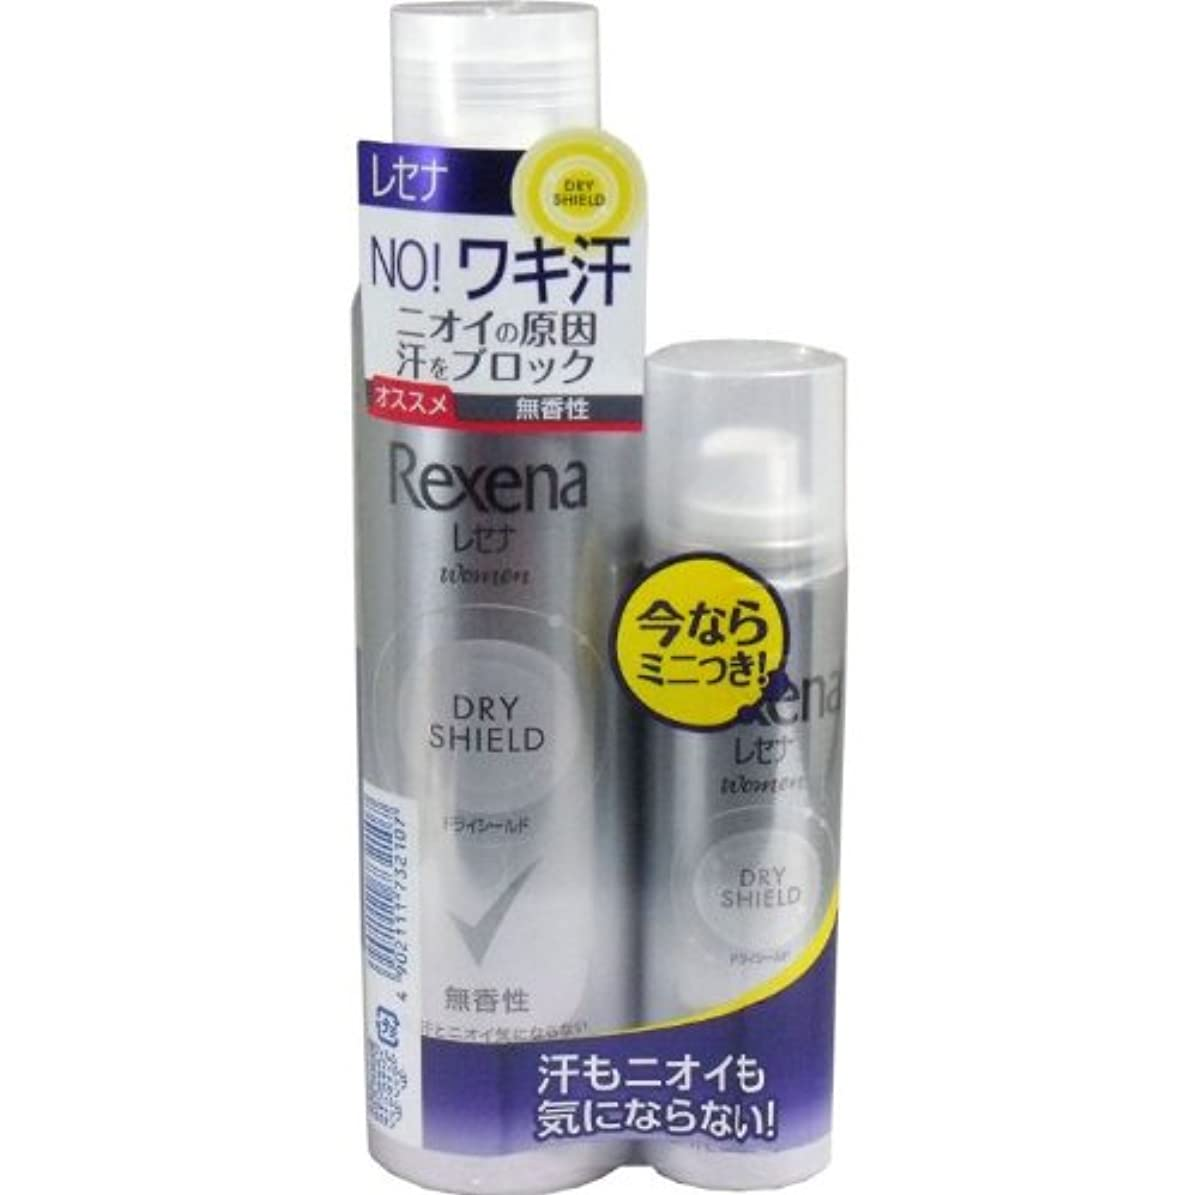 メイン用心ドローレセナ ドライシールドパウダースプレー 無香性 135g+(おまけ45g付き) 【5個セット】